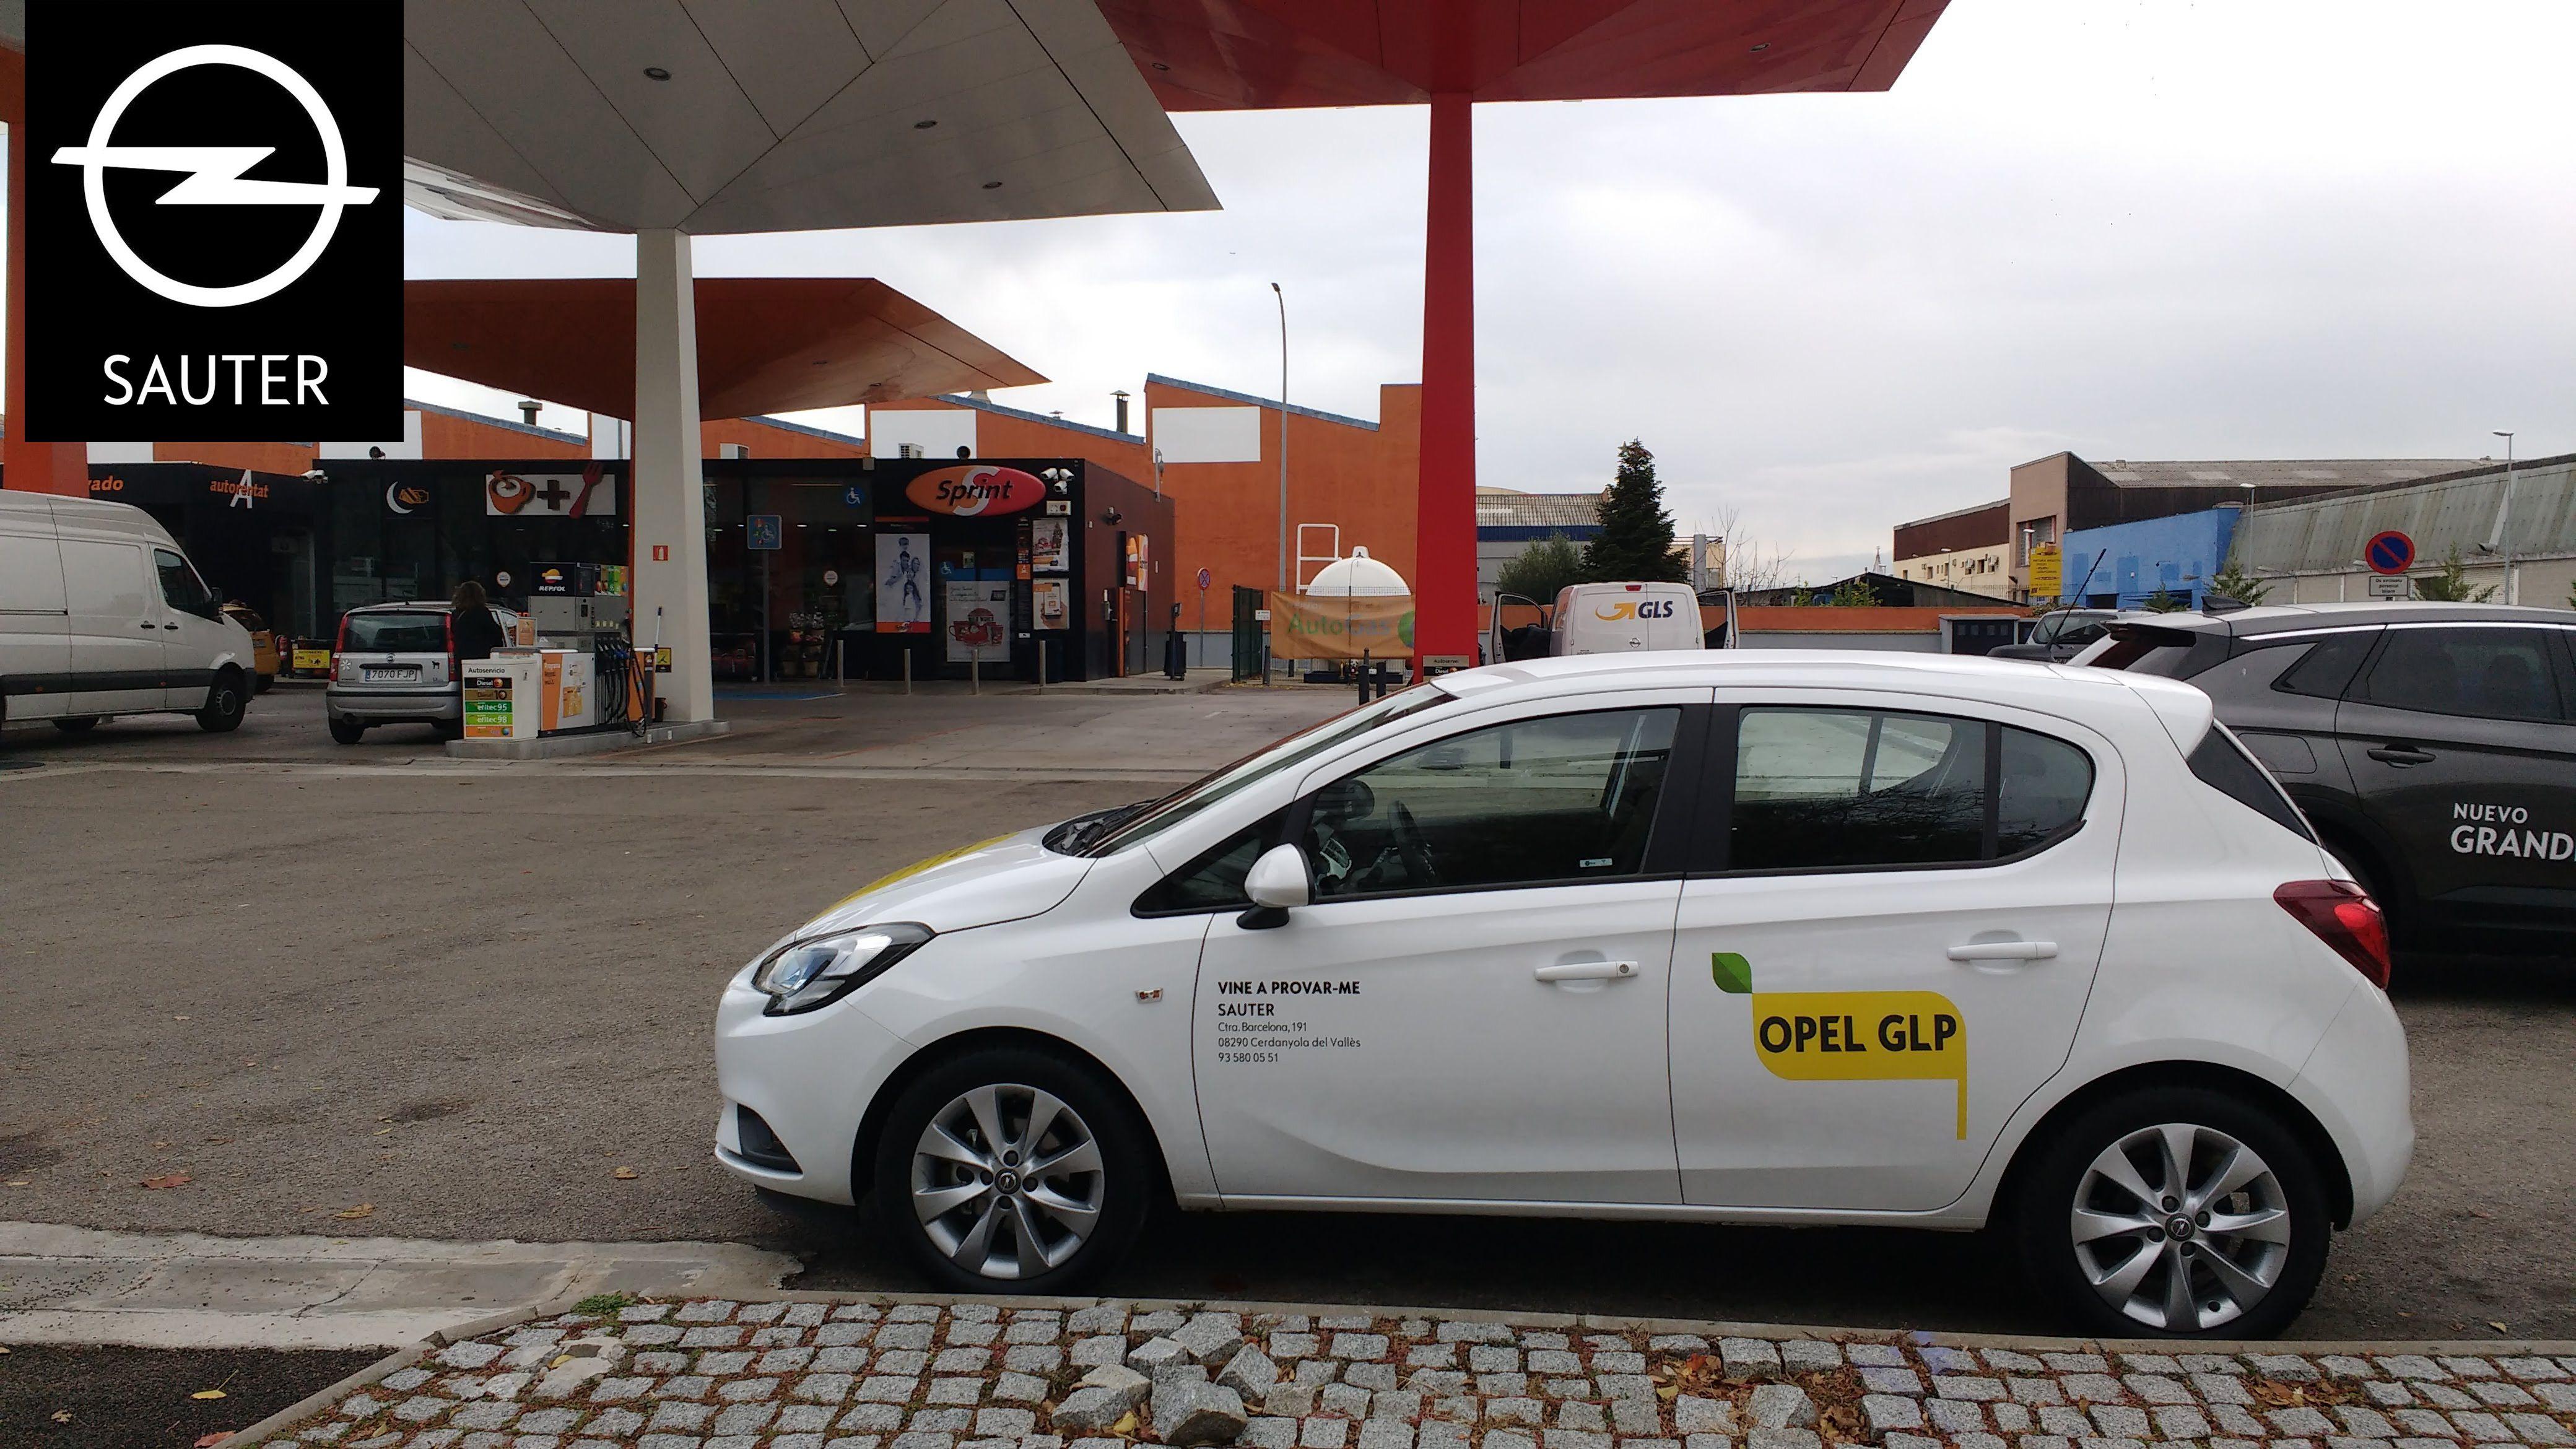 Opel Corsa GLP: prova el motor més eficient